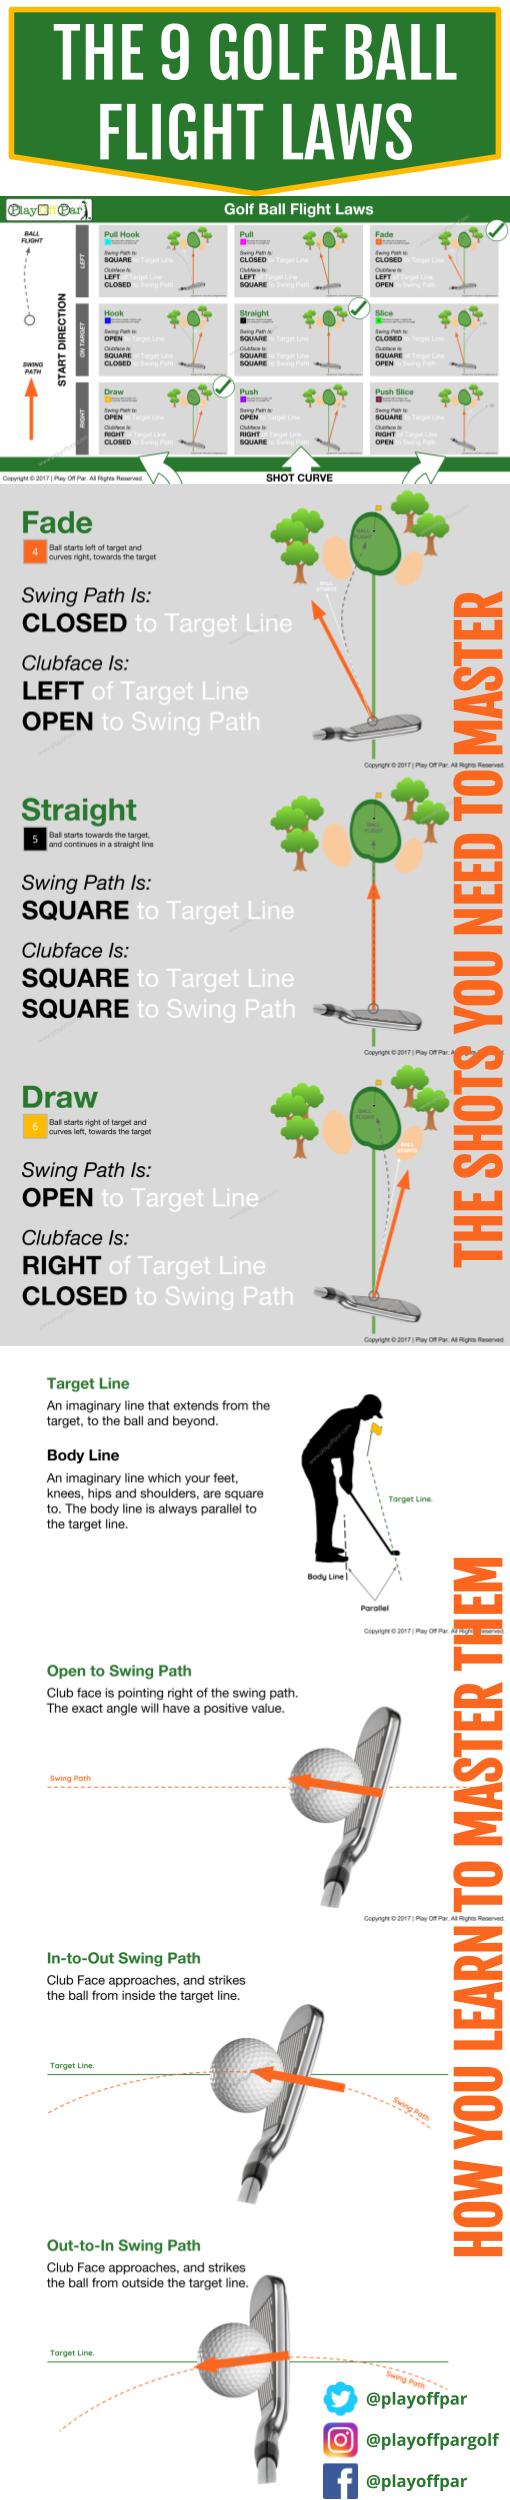 medium resolution of the golf ball flight laws learn how the golf ball flight laws can help you improve your golf golf ball flight too low golf ball flight too high